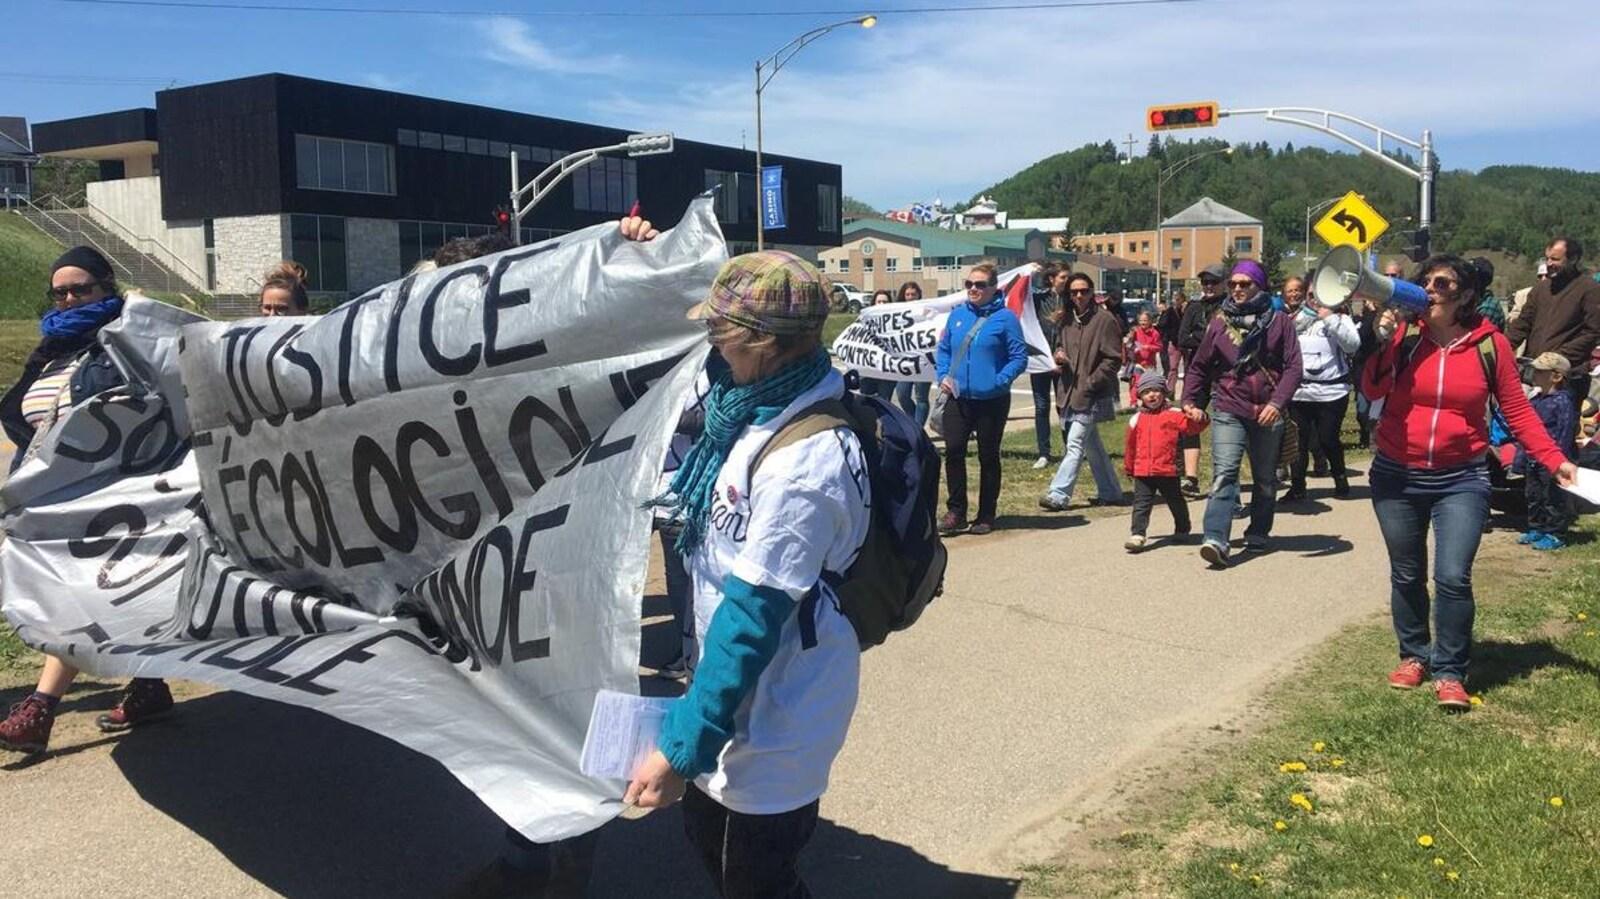 Des manifestants avec mégaphone et banderole